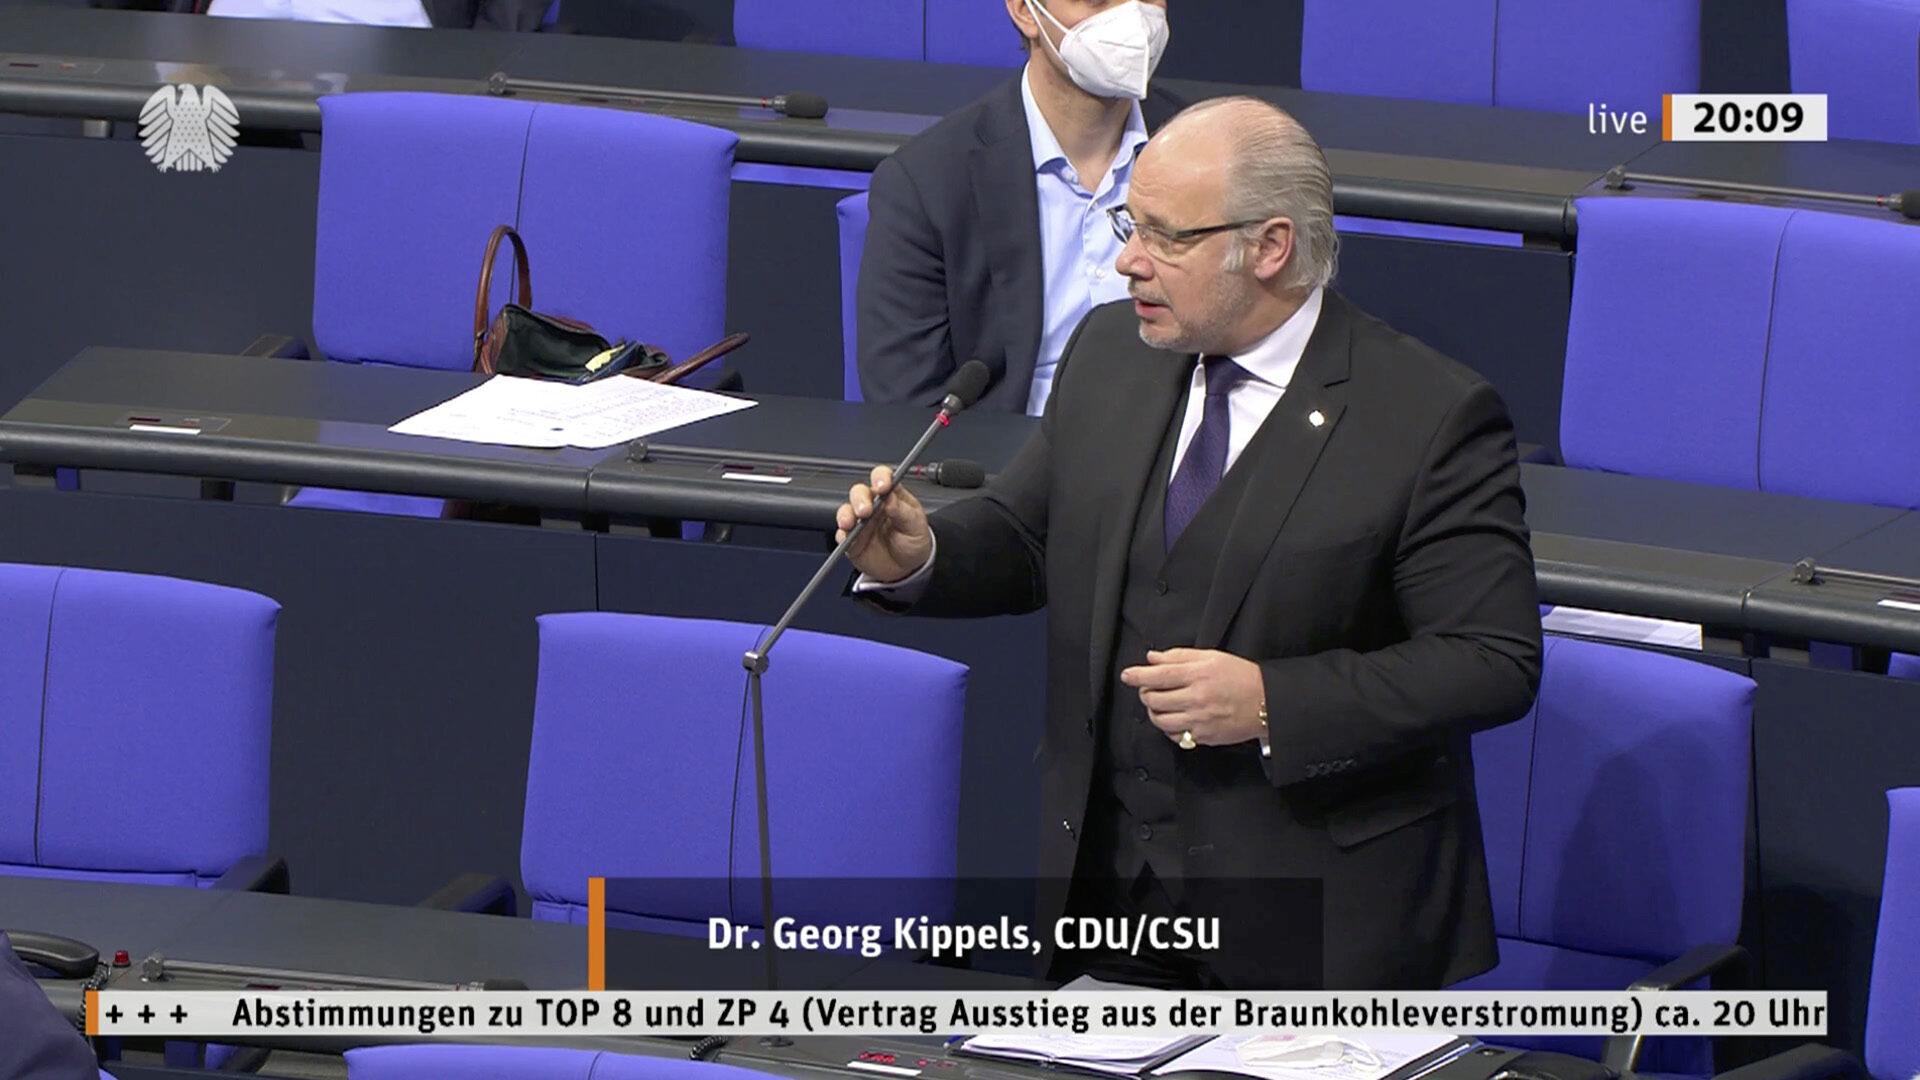 210113_BundestagsredeBraunkohleverstromung01